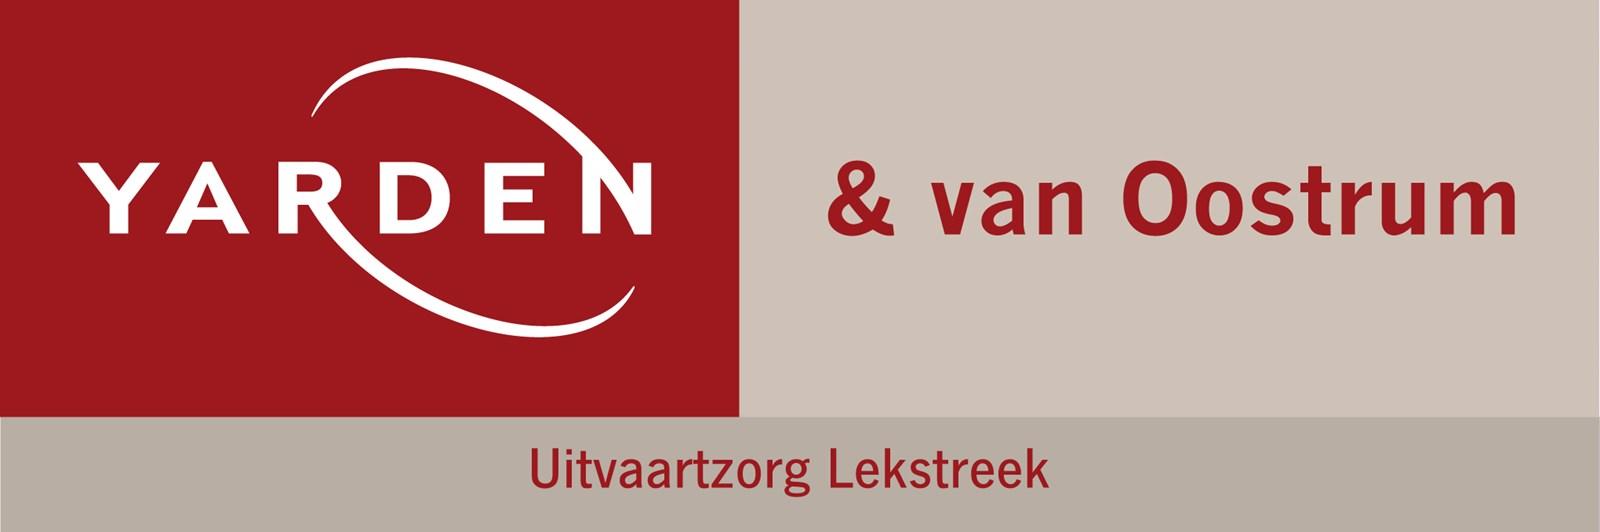 Logo van Yarden & van Oostrum Uitvaartzorg Lekstreek